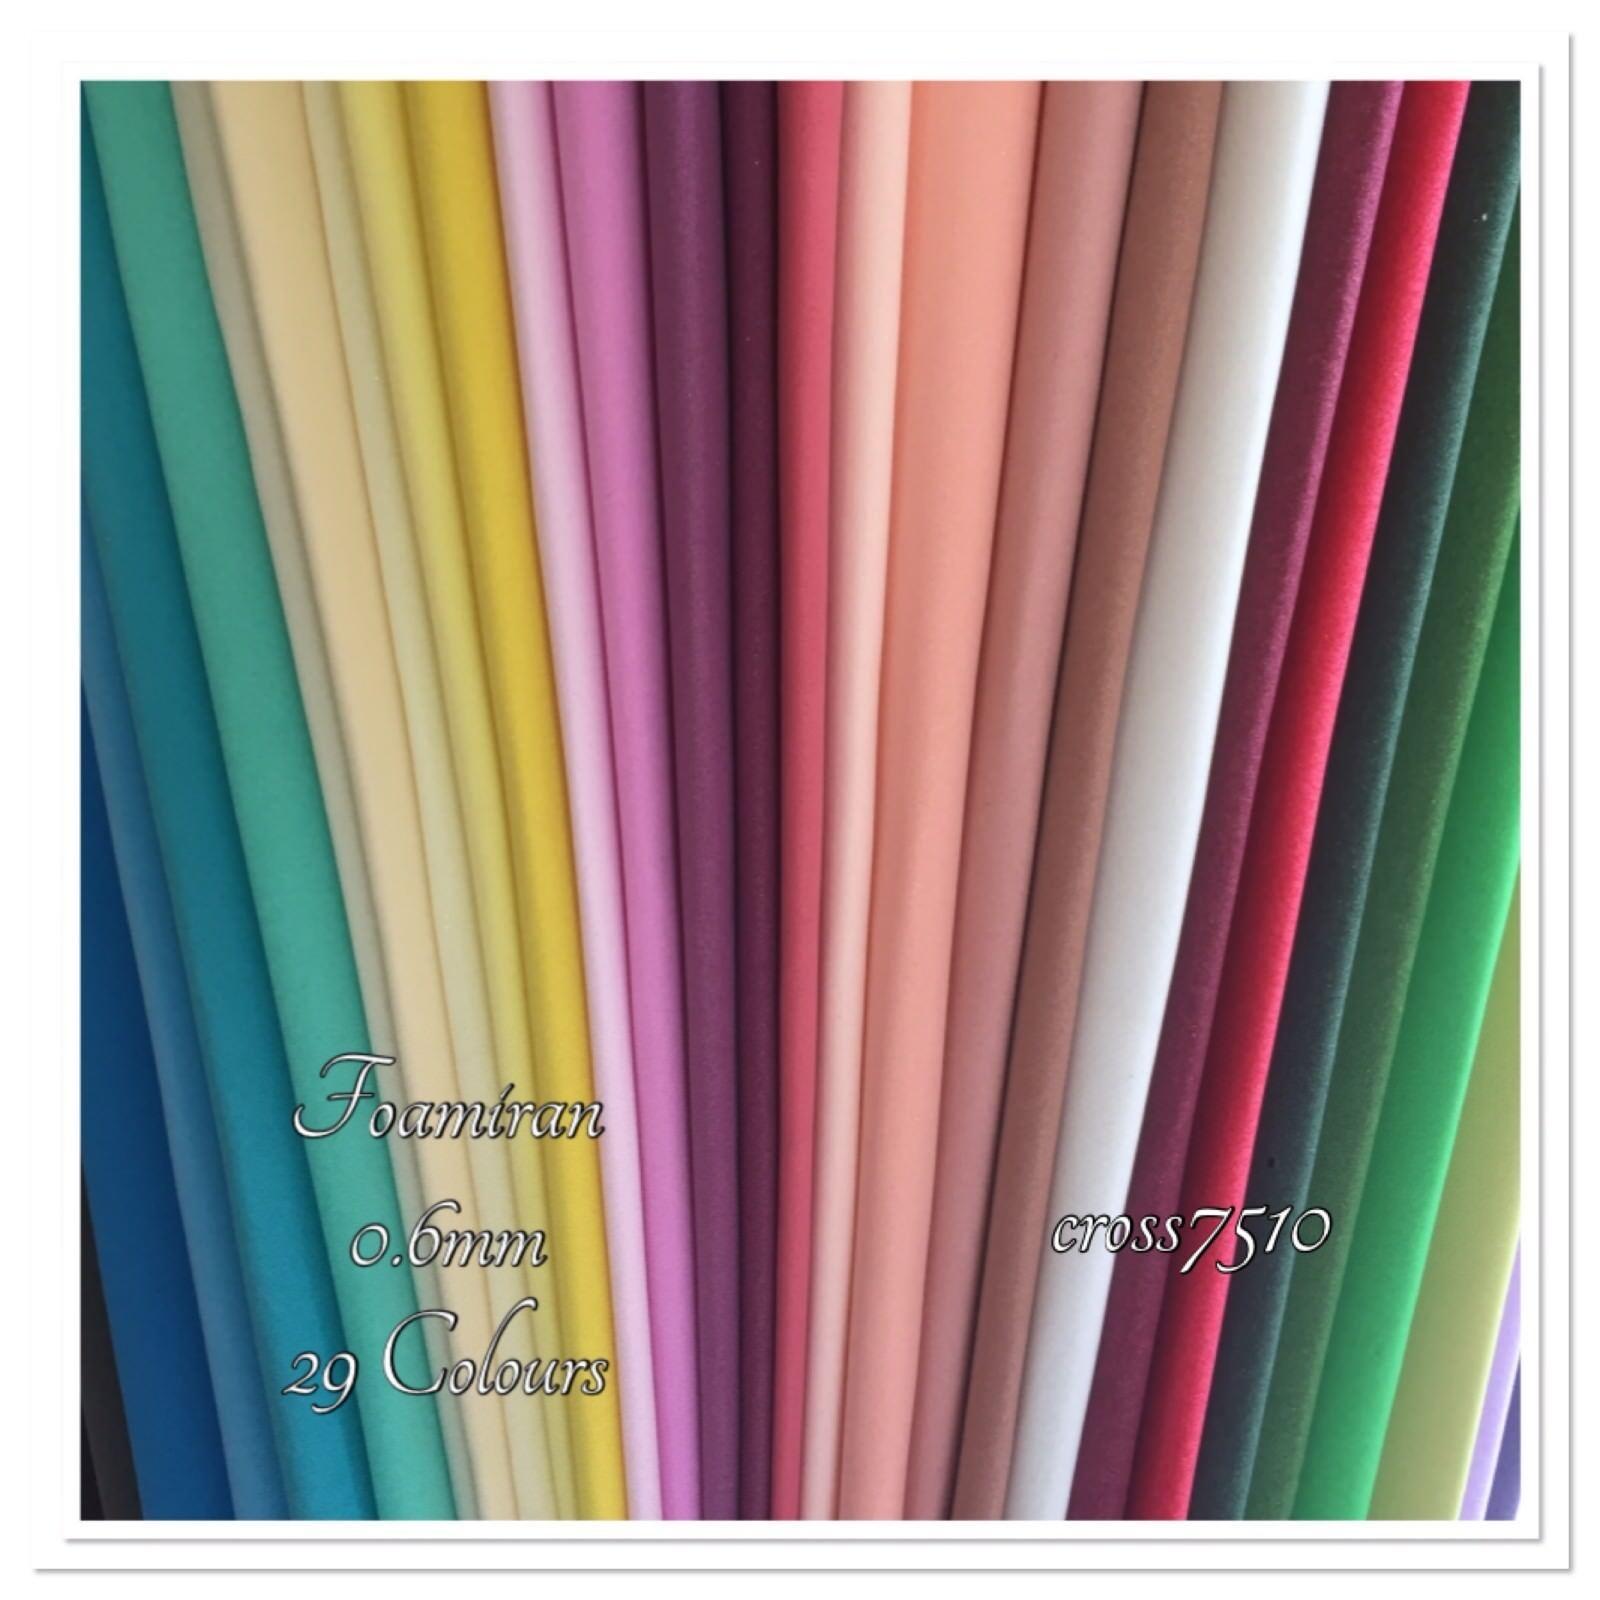 FOAMIRAN Flower Making Foam 0.6mm 33 Colours 30x35cm Sheets